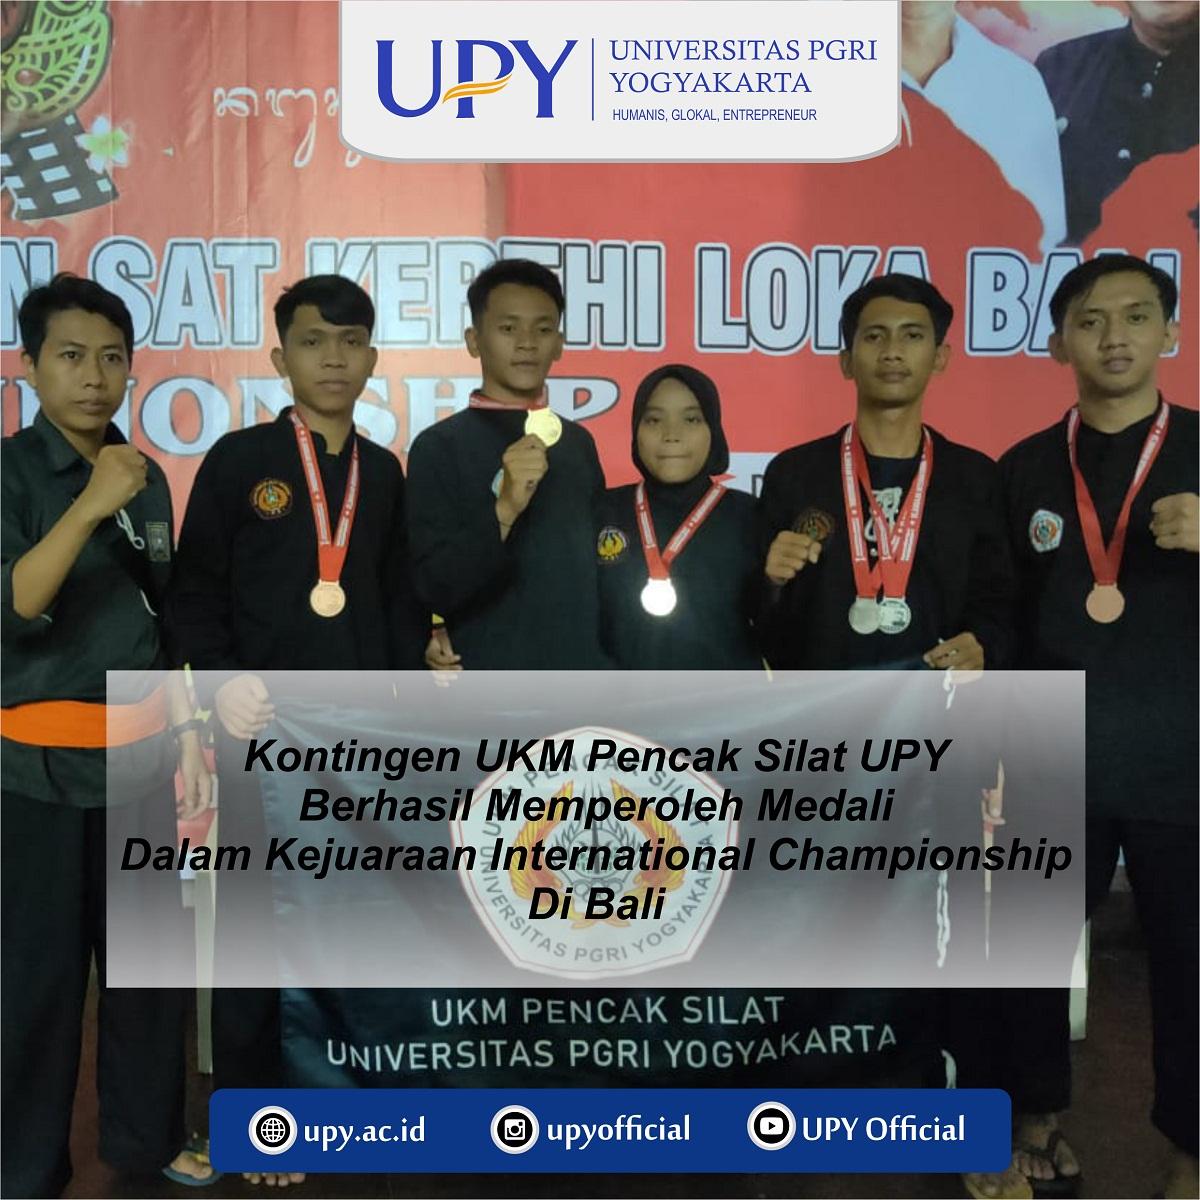 UPY berhasil meraih Medali di kejuaraan Internasional Pencak Silat di Bali